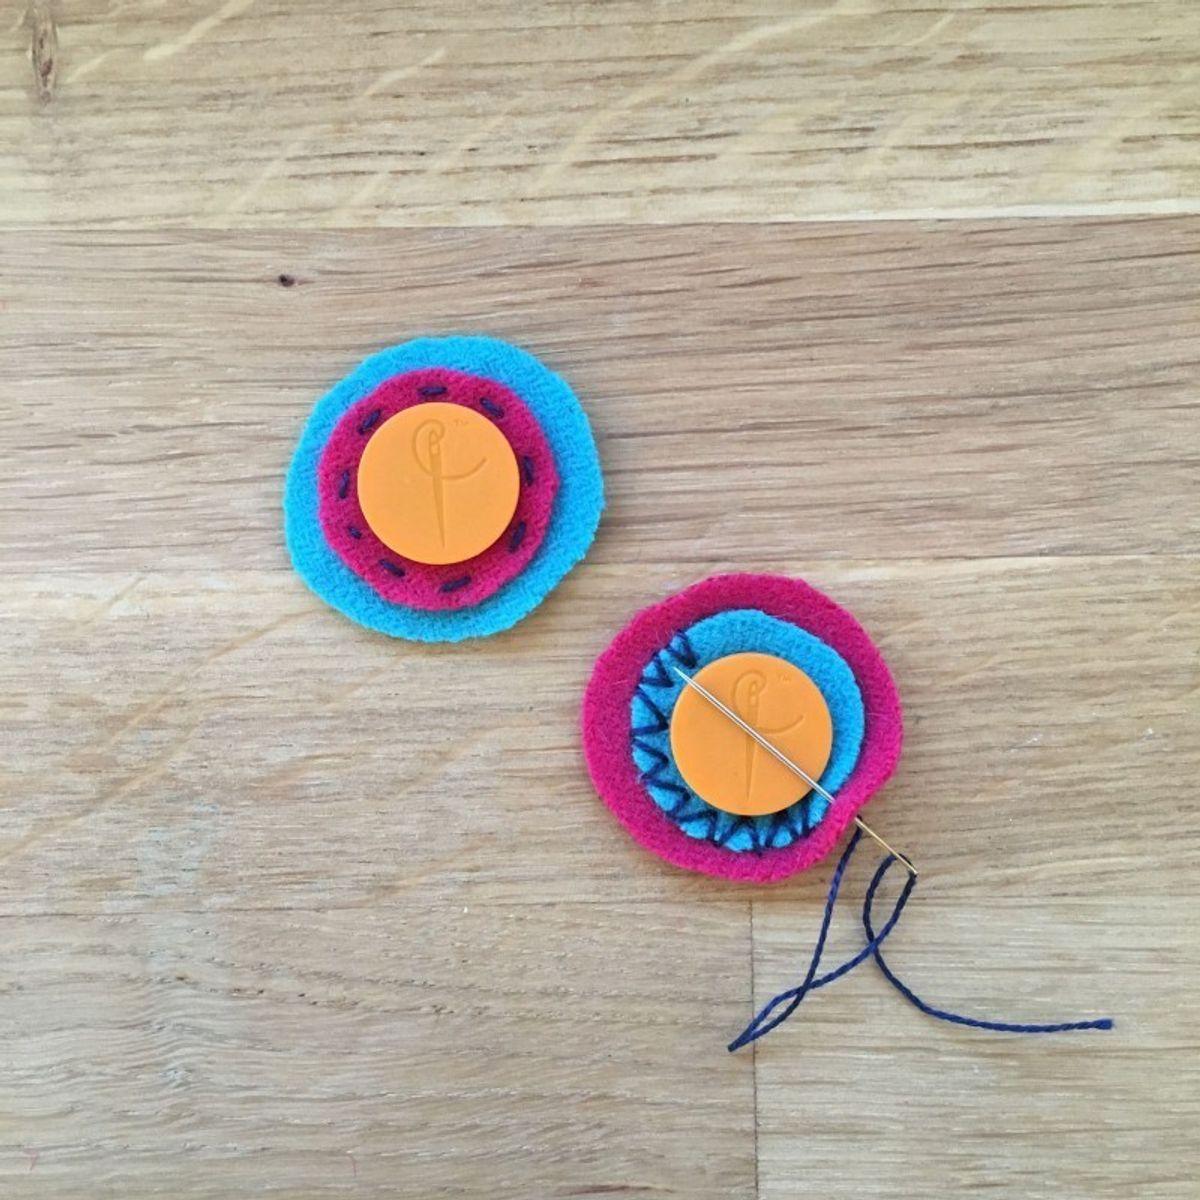 Épingles magnétiques SewTites Mix - Paquet de 15